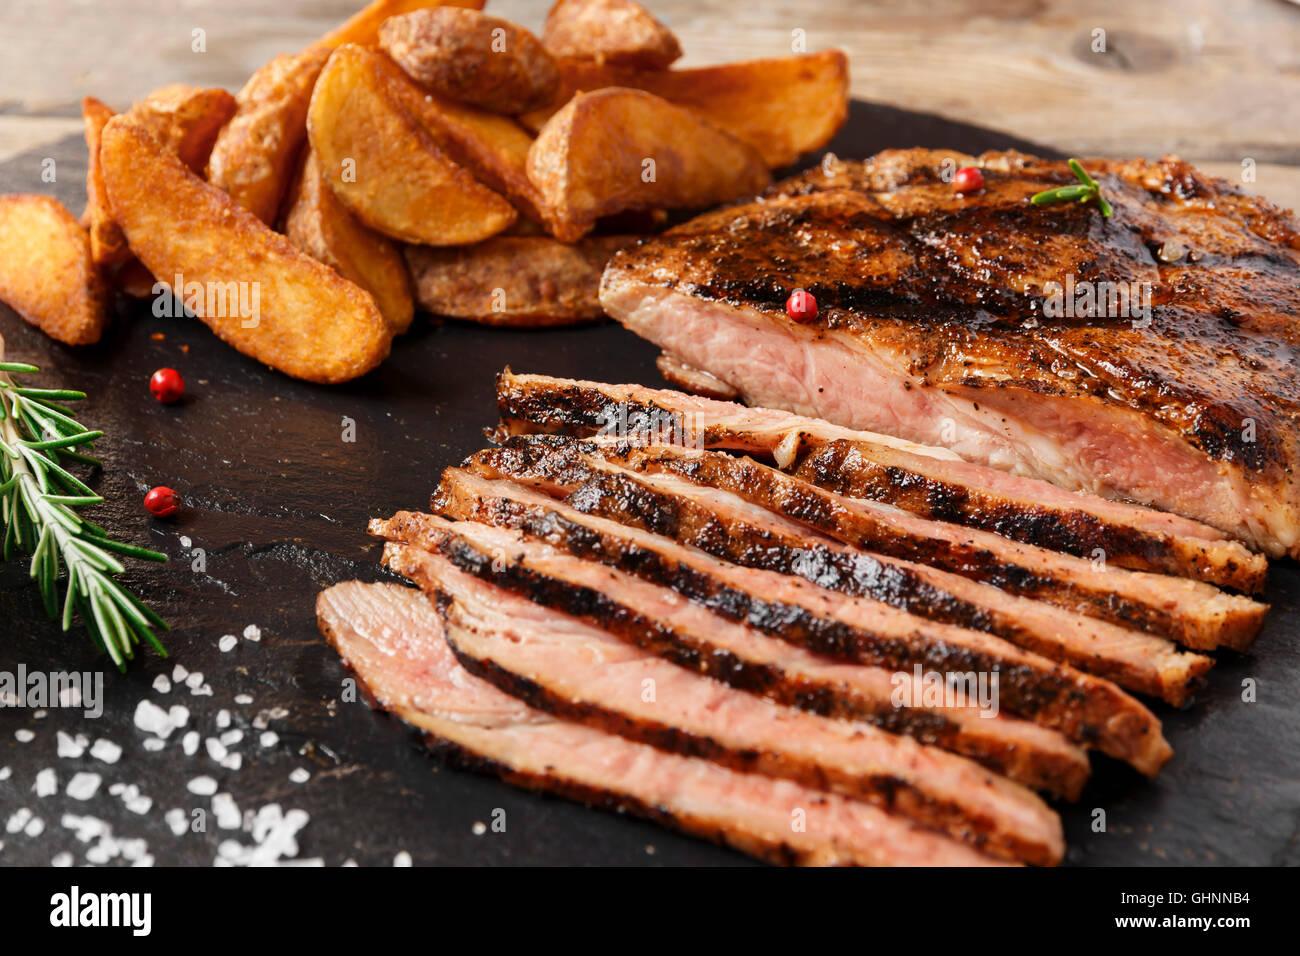 Bistecca di manzo tagliata a fette con patate al forno e salsa Immagini Stock